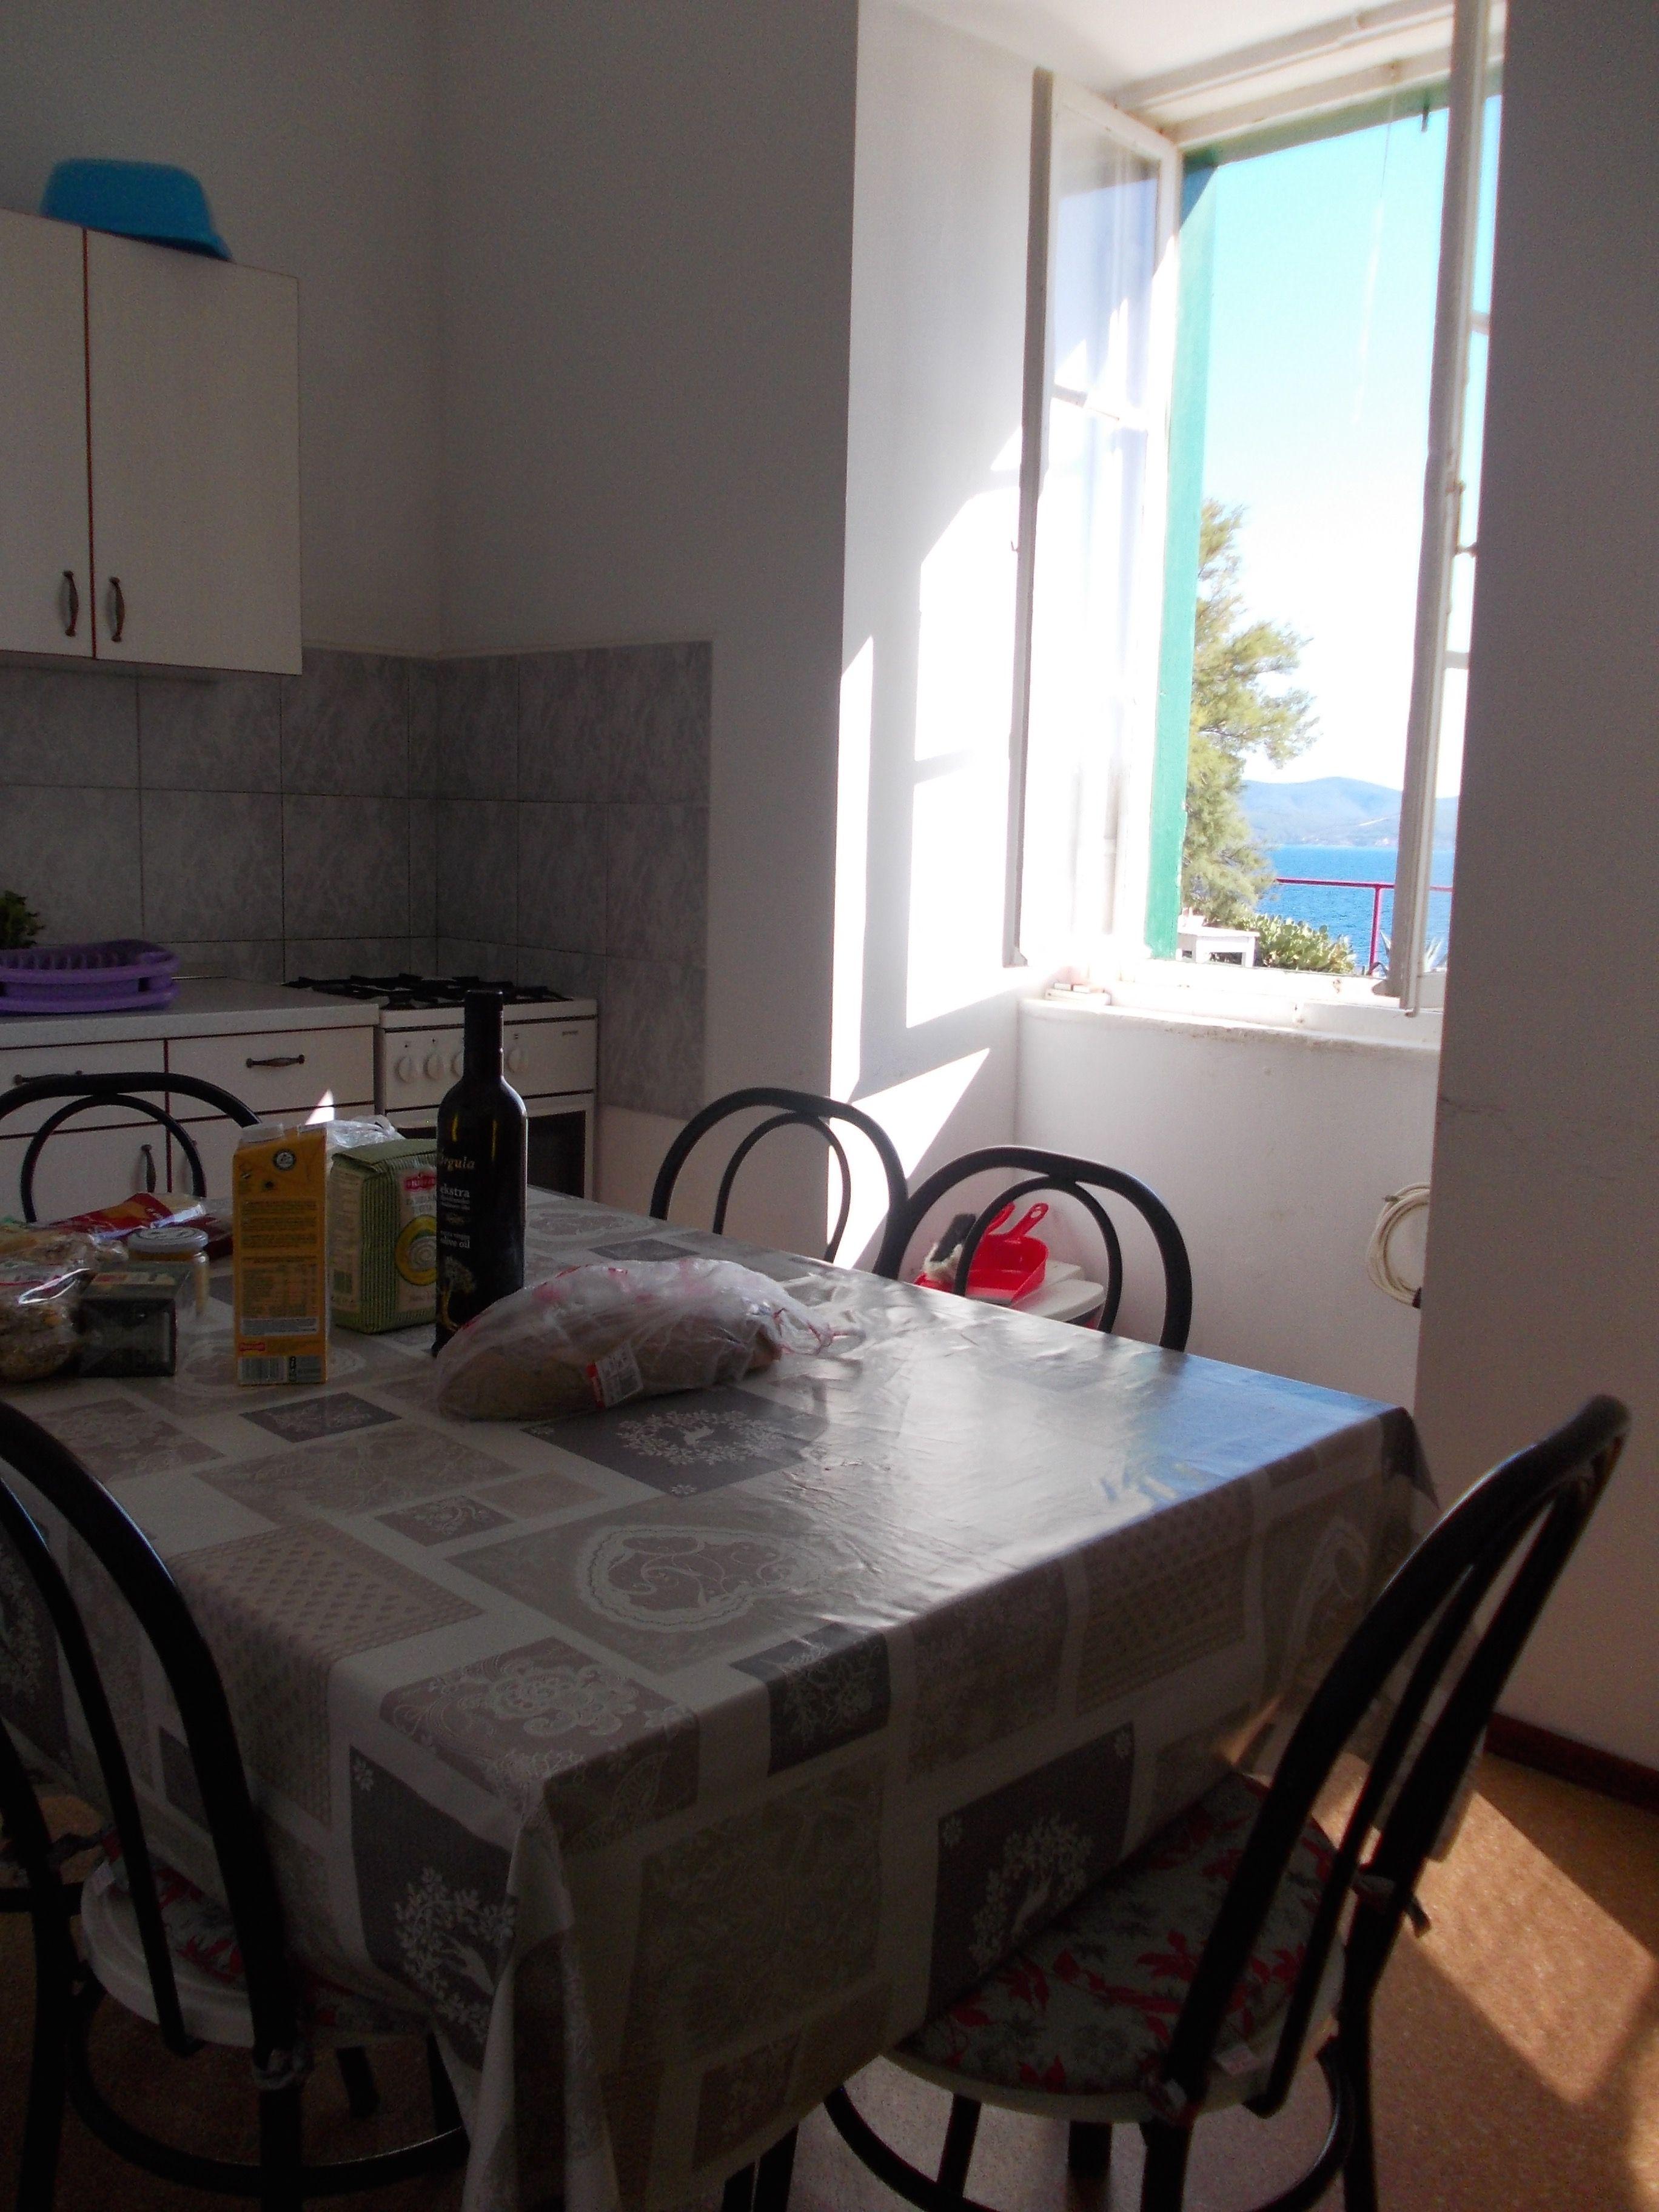 Küche im Leuchtturmhaus Kroatien urlaub, Yoga und